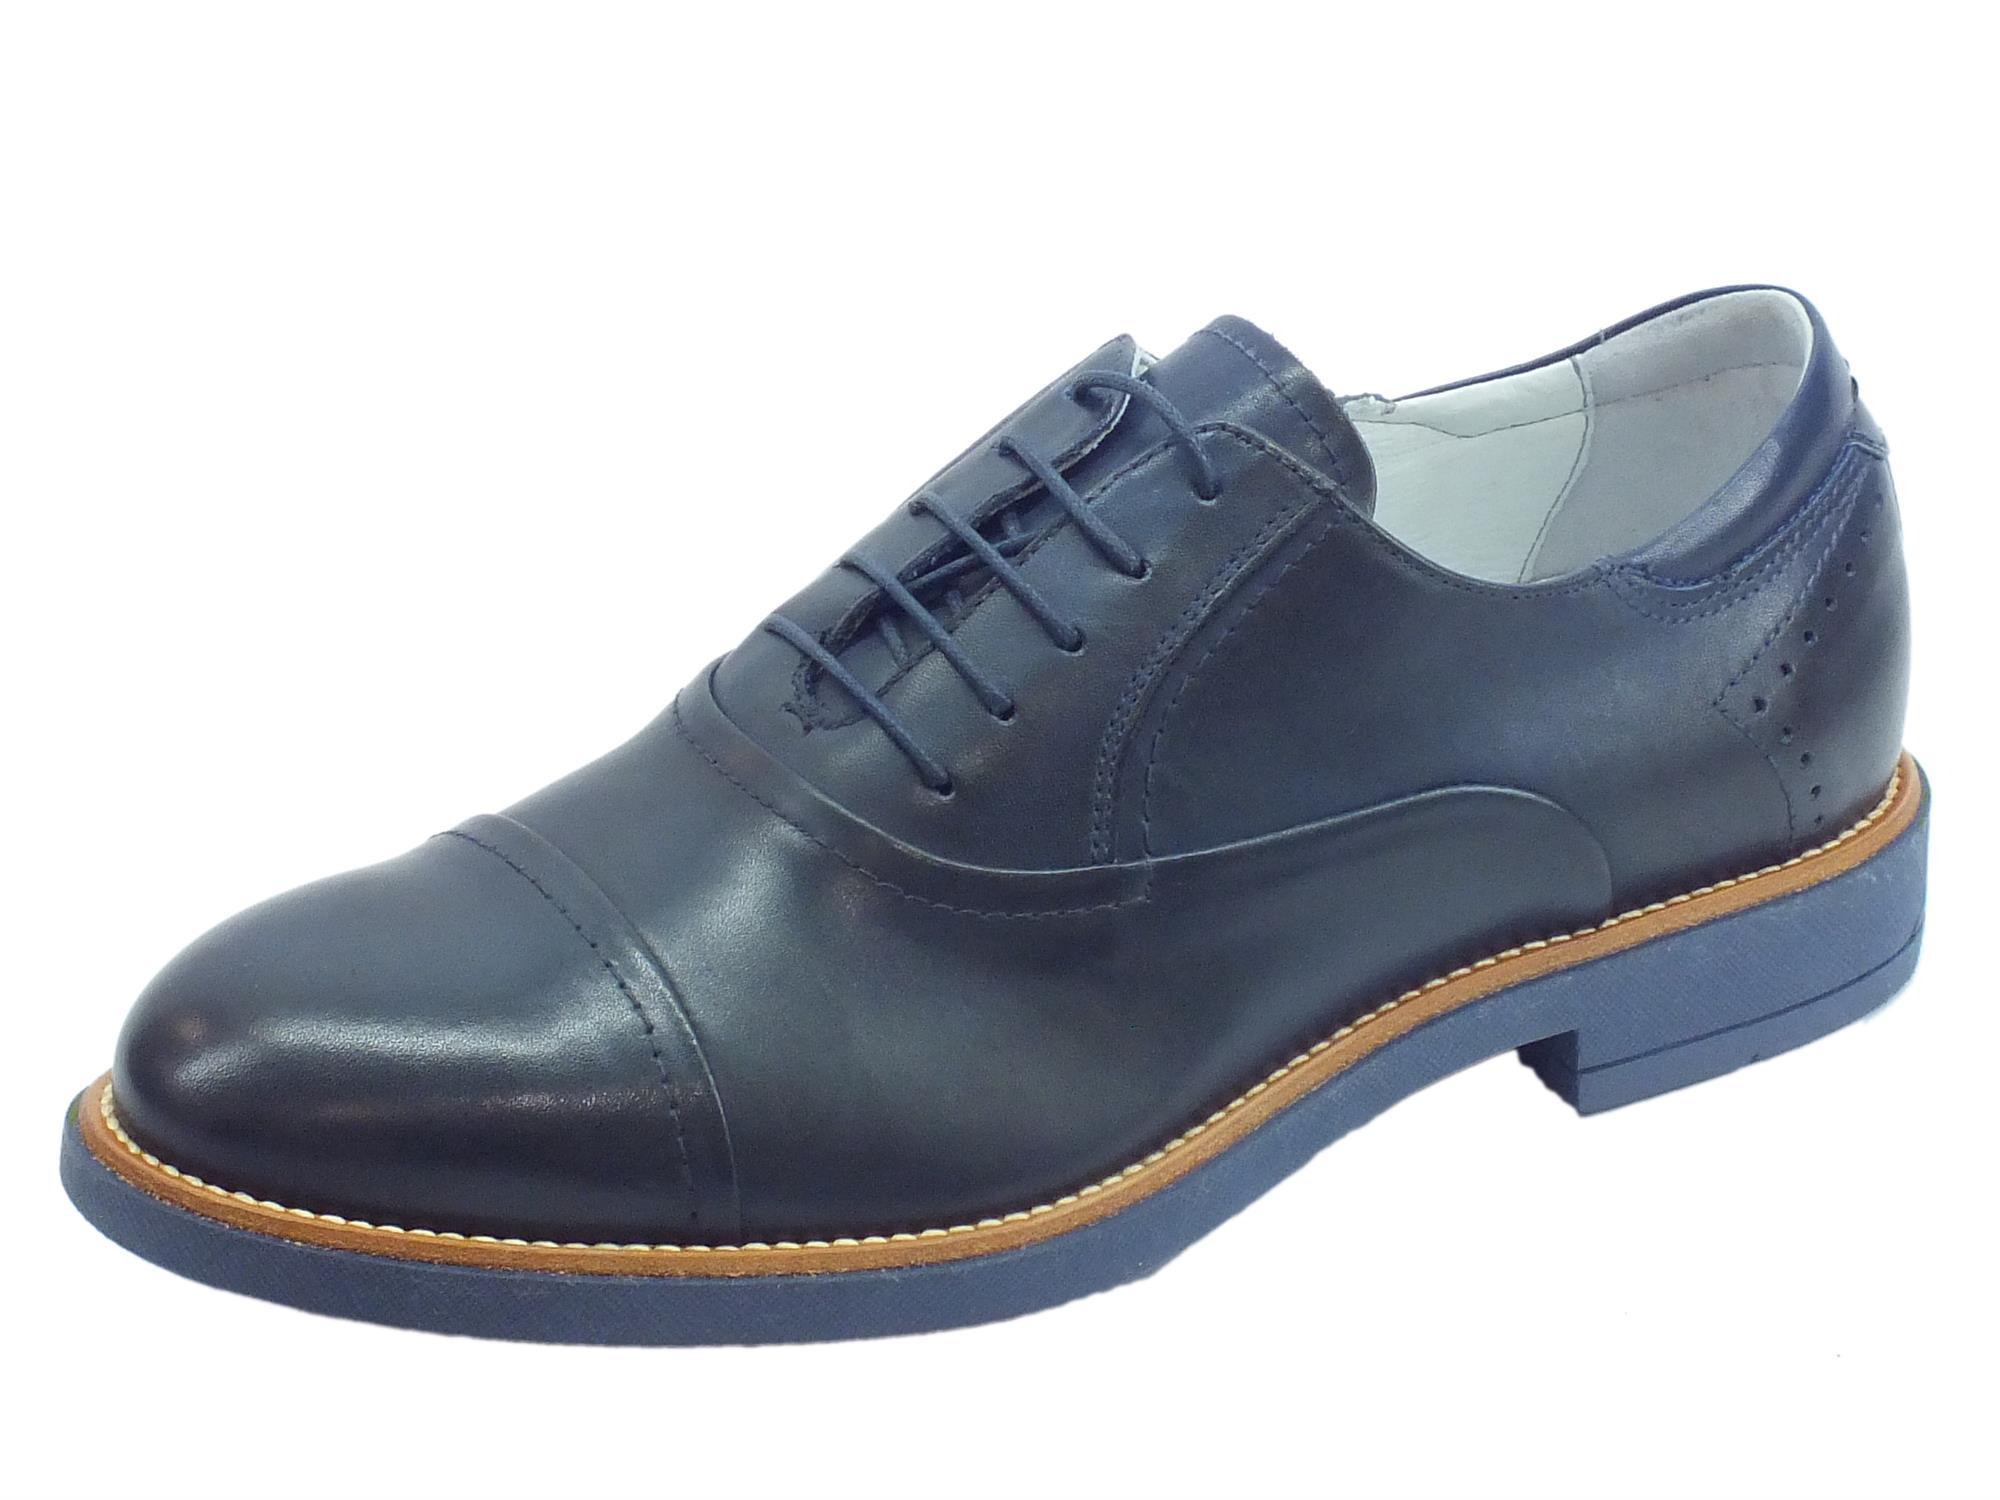 elegante nello stile acquistare disponibile Scarpe eleganti NeroGiardini per uomo in pelle blu fodera e sottopiede in  pelle